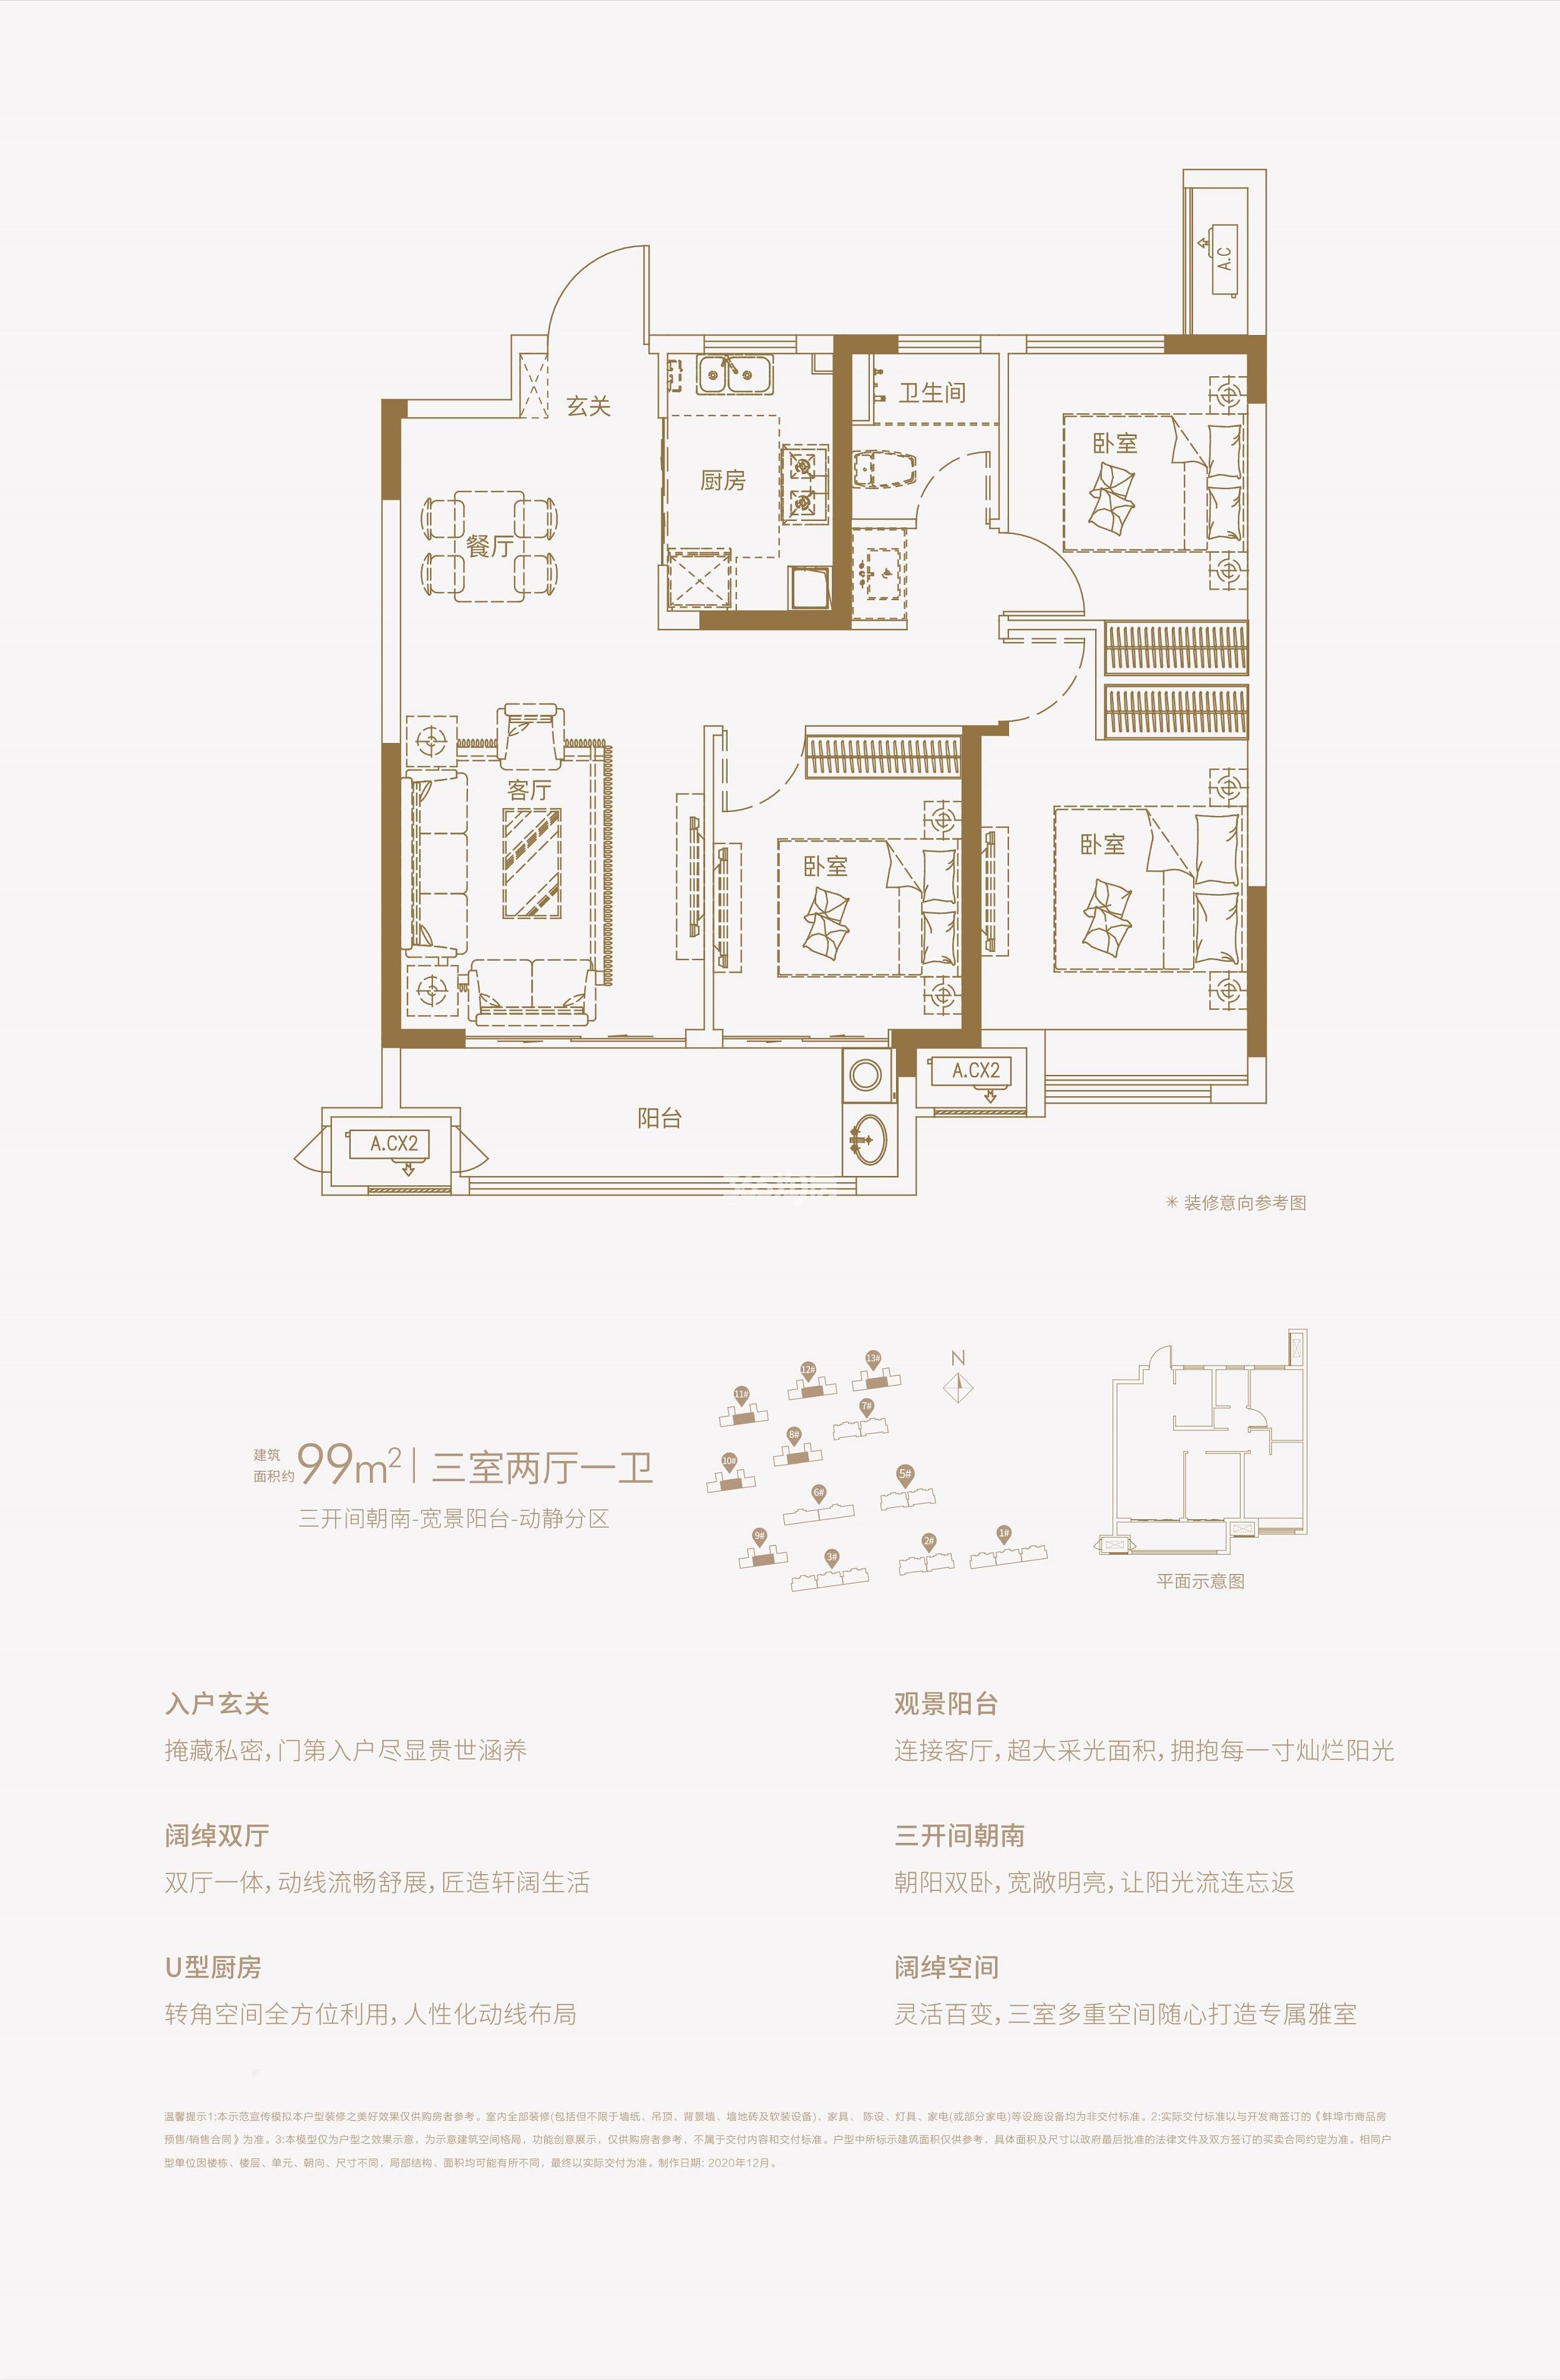 新城怡康时光印象 建面约99㎡ 高层户型 202101